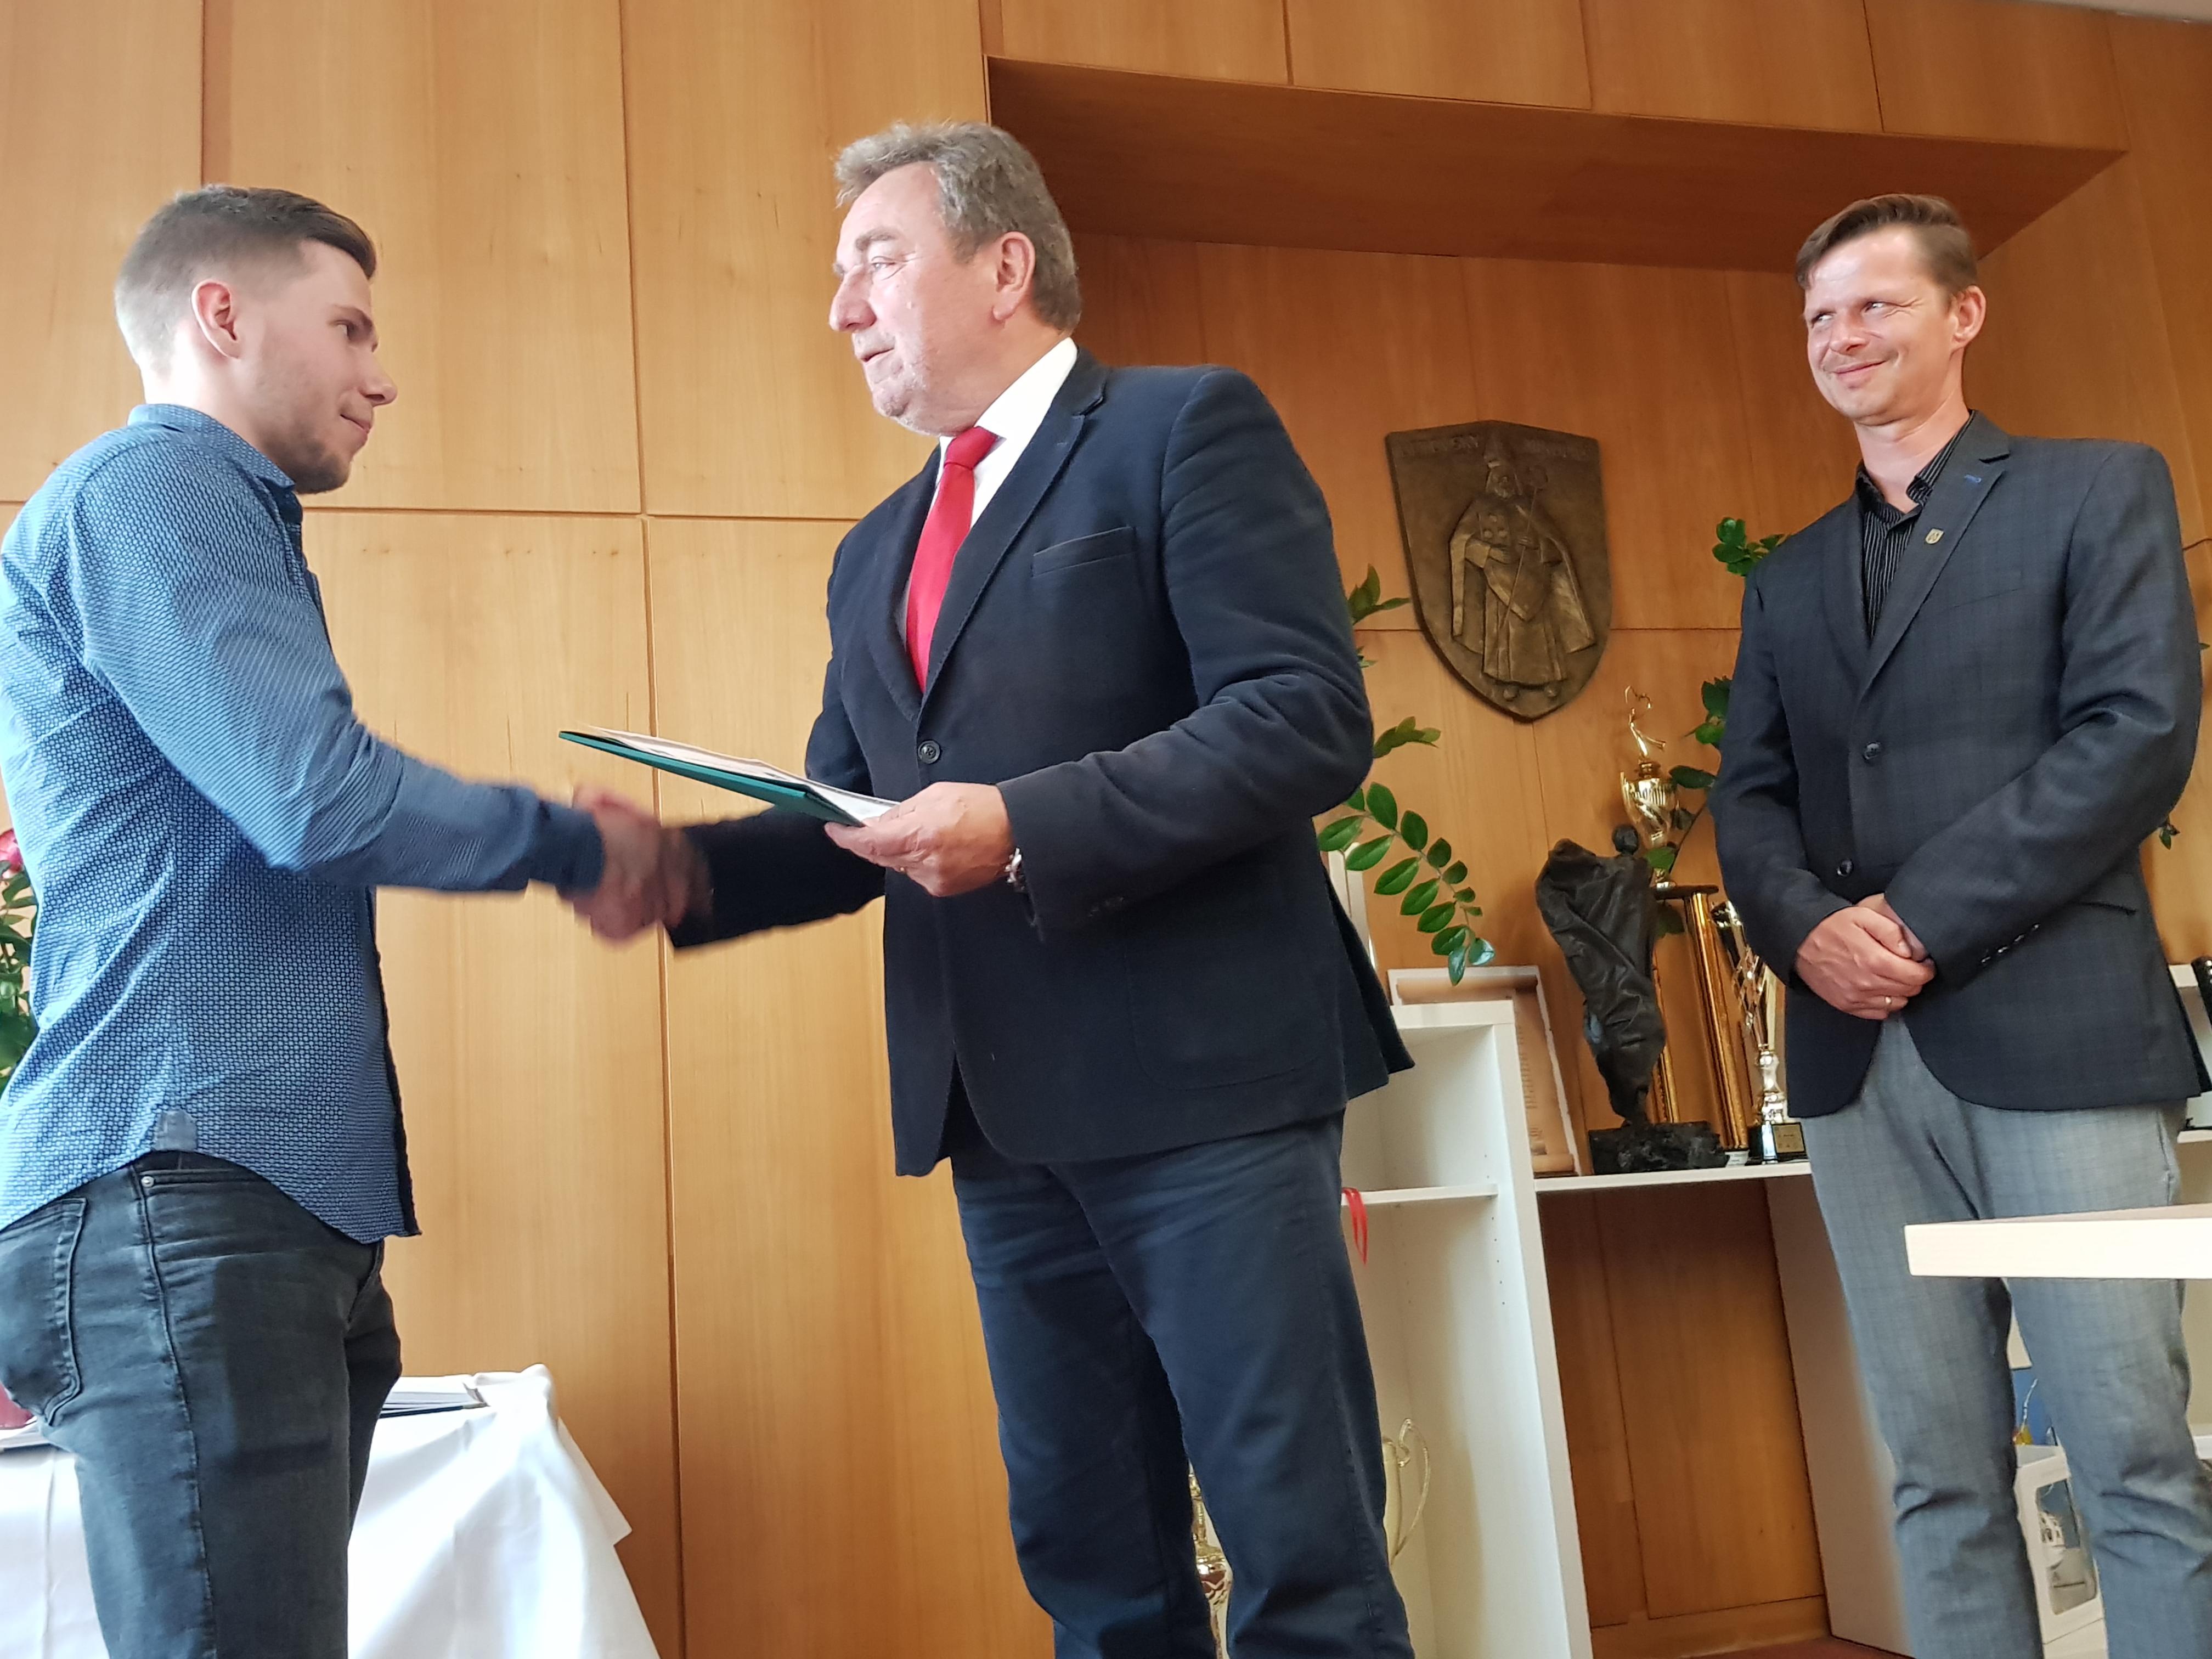 Matúša Sukeľa ocenil primátor vyznamenaním